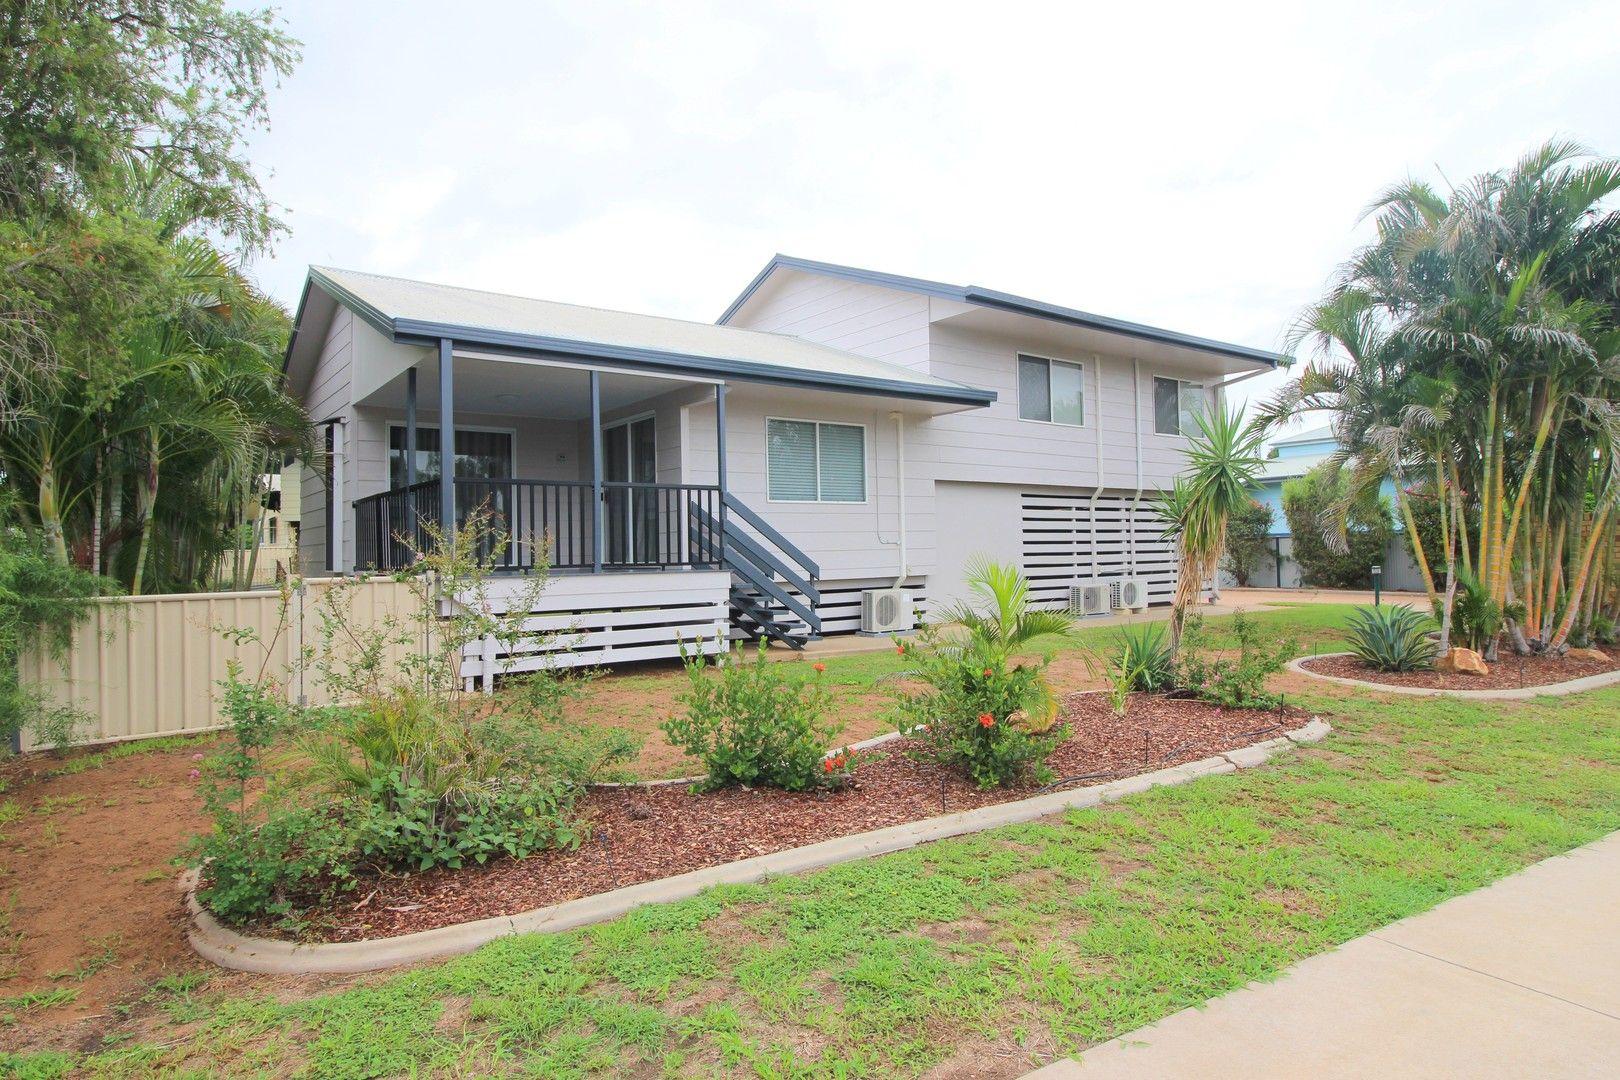 1/55 Yamala St, Emerald QLD 4720, Image 0